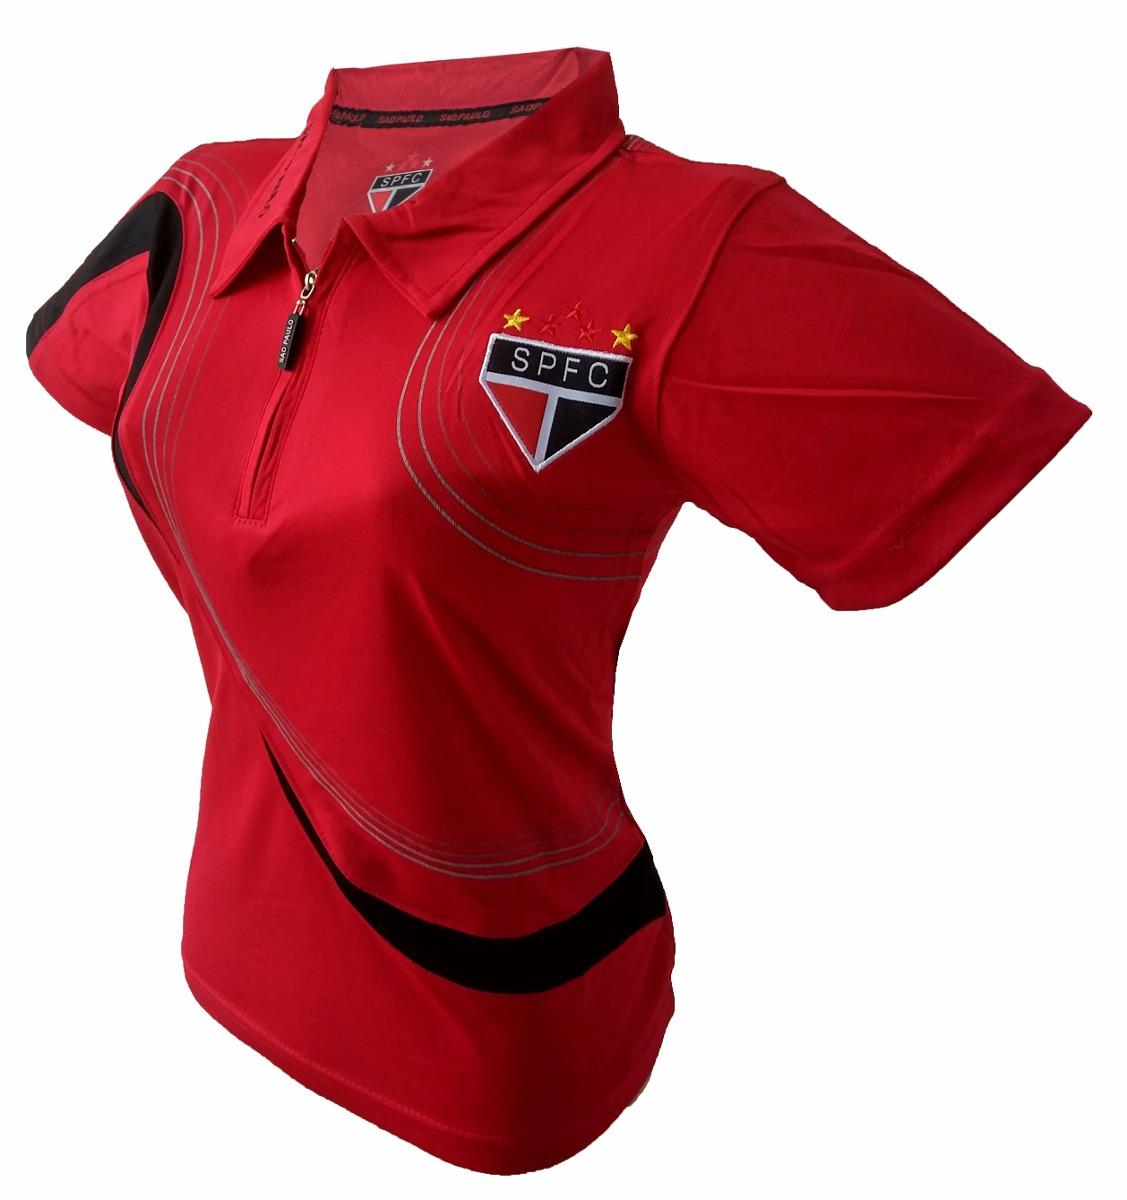 afefcc733aa70 camisa feminina são paulo oficial gola polo - promoção. Carregando zoom.